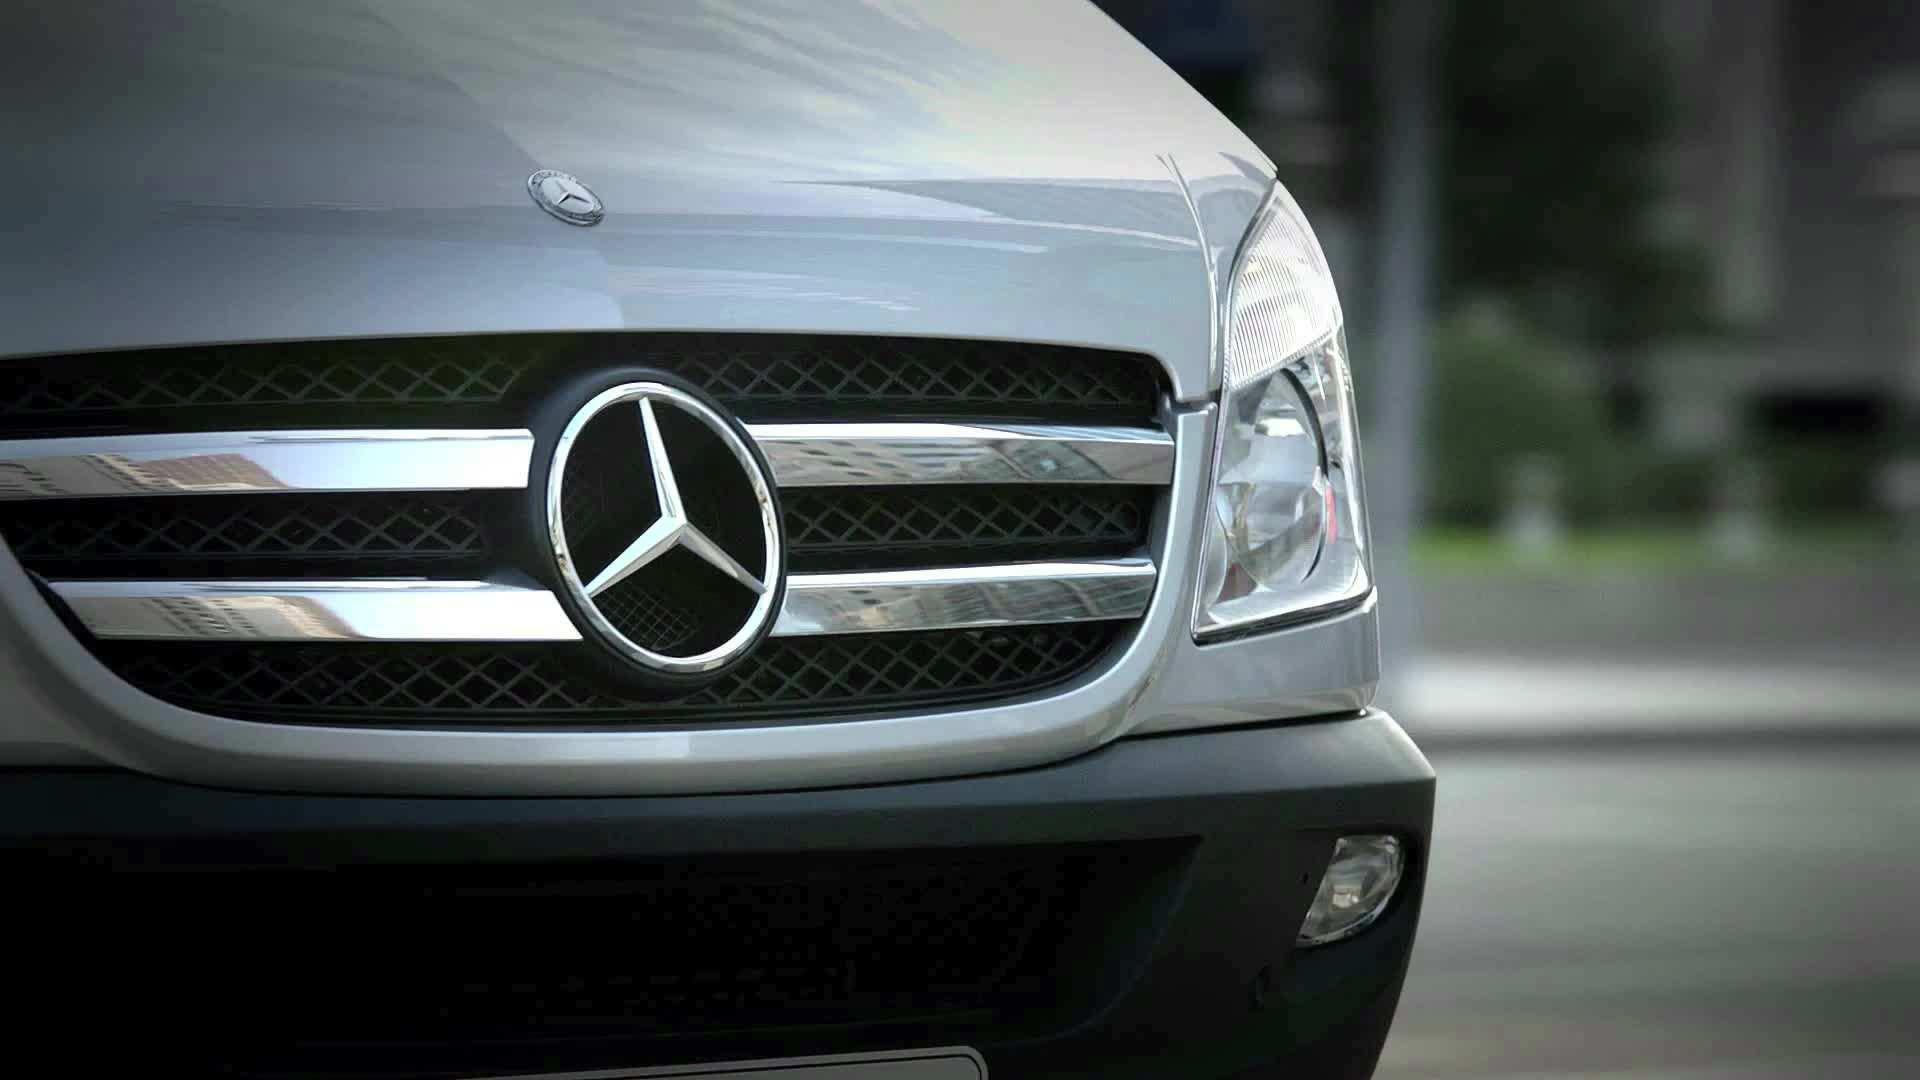 梅赛德斯-奔驰汽车销售有限公司召回部分进口车